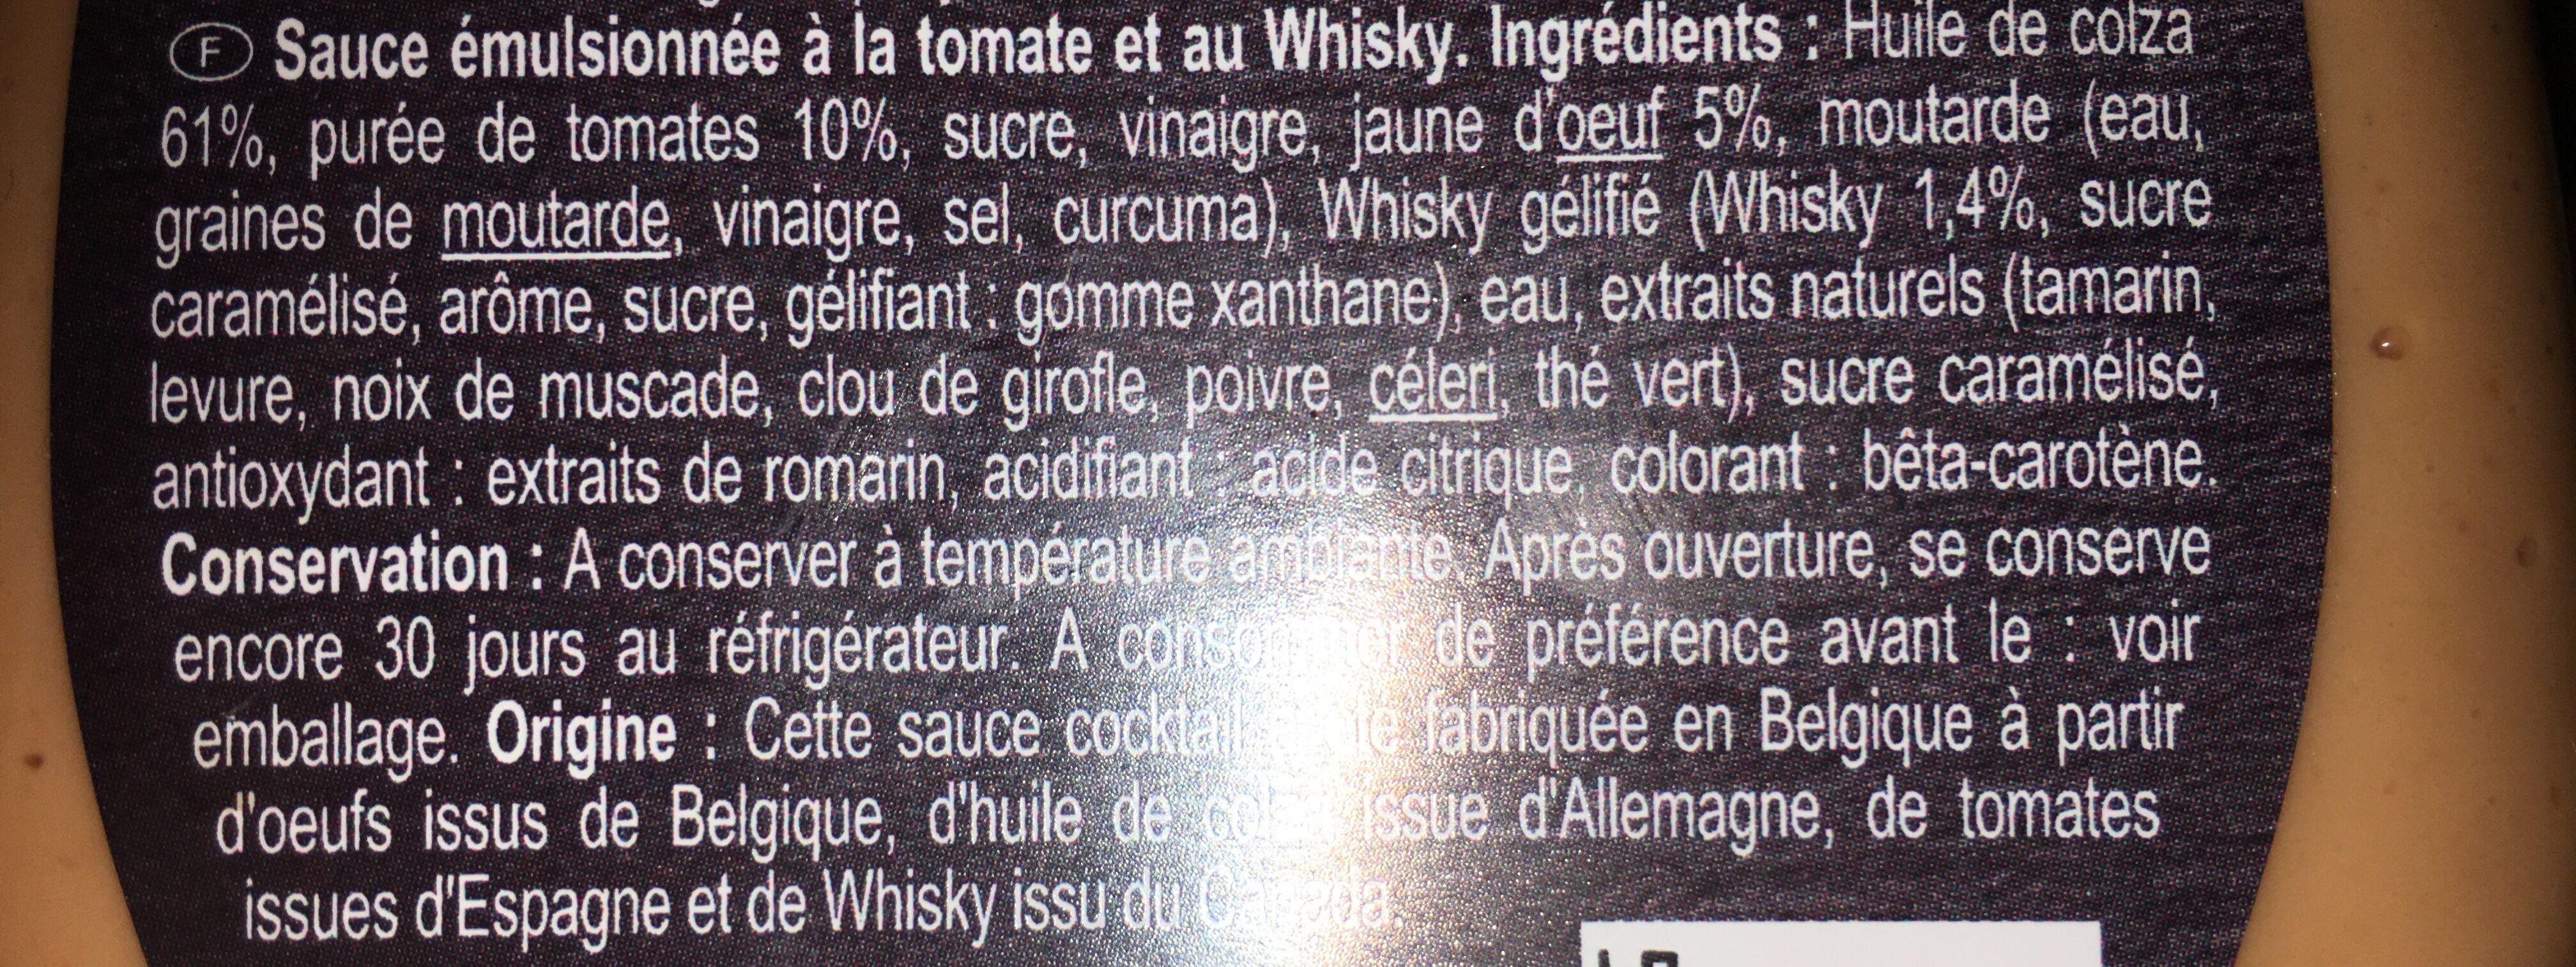 Sauce coktail - Ingrediënten - fr